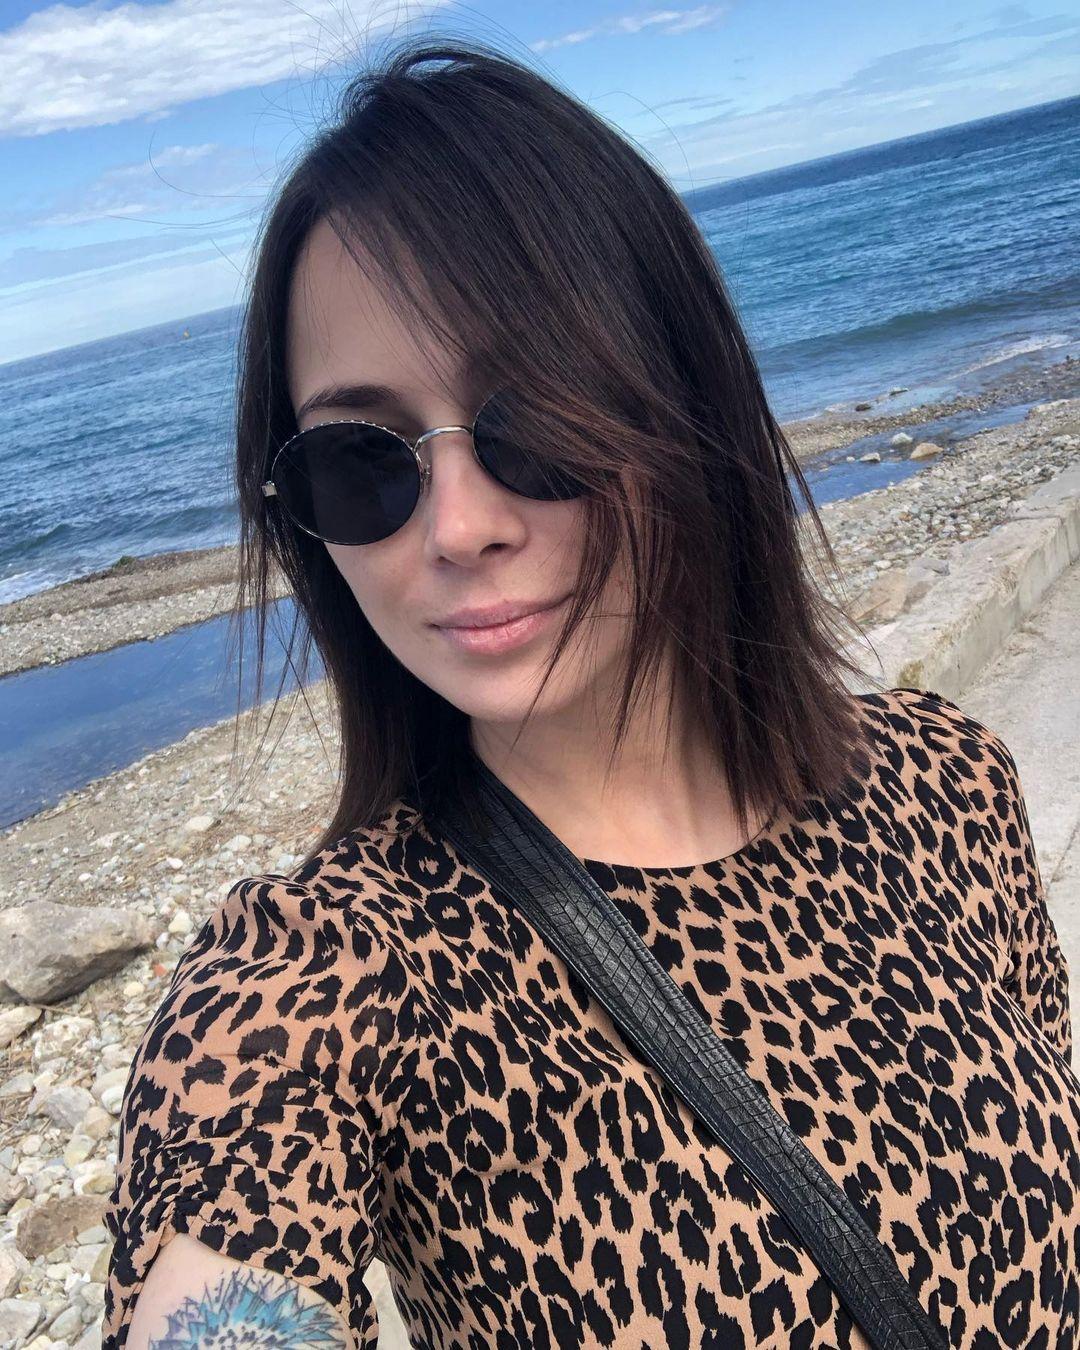 Настасья Самбурская высказалась об использовании фотошопа в своих снимках